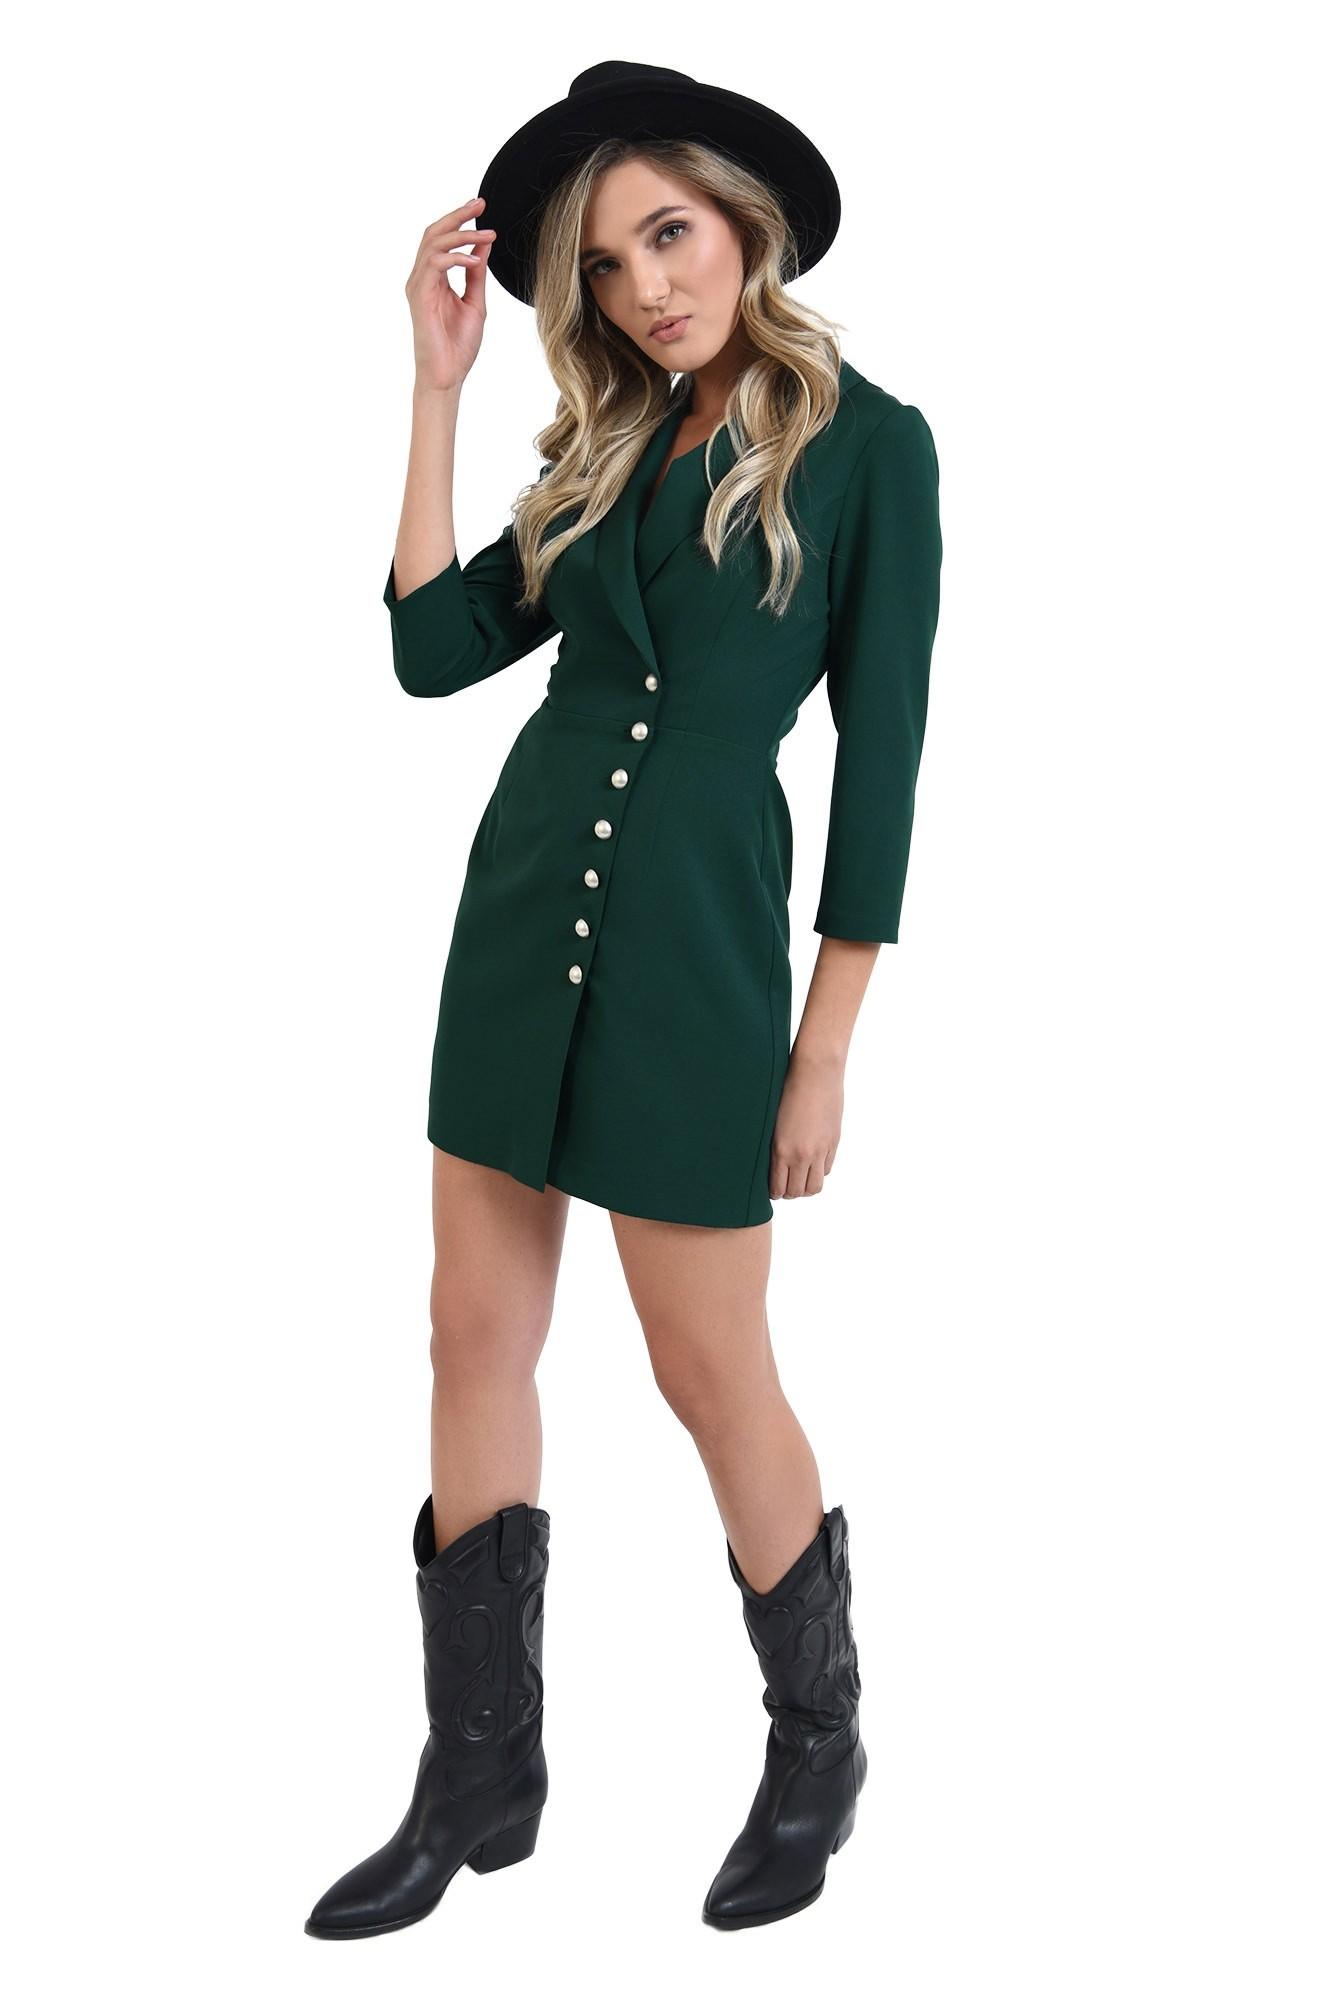 360 - rochie verde, scurta, tip sacou, cu maneca trei sferturi